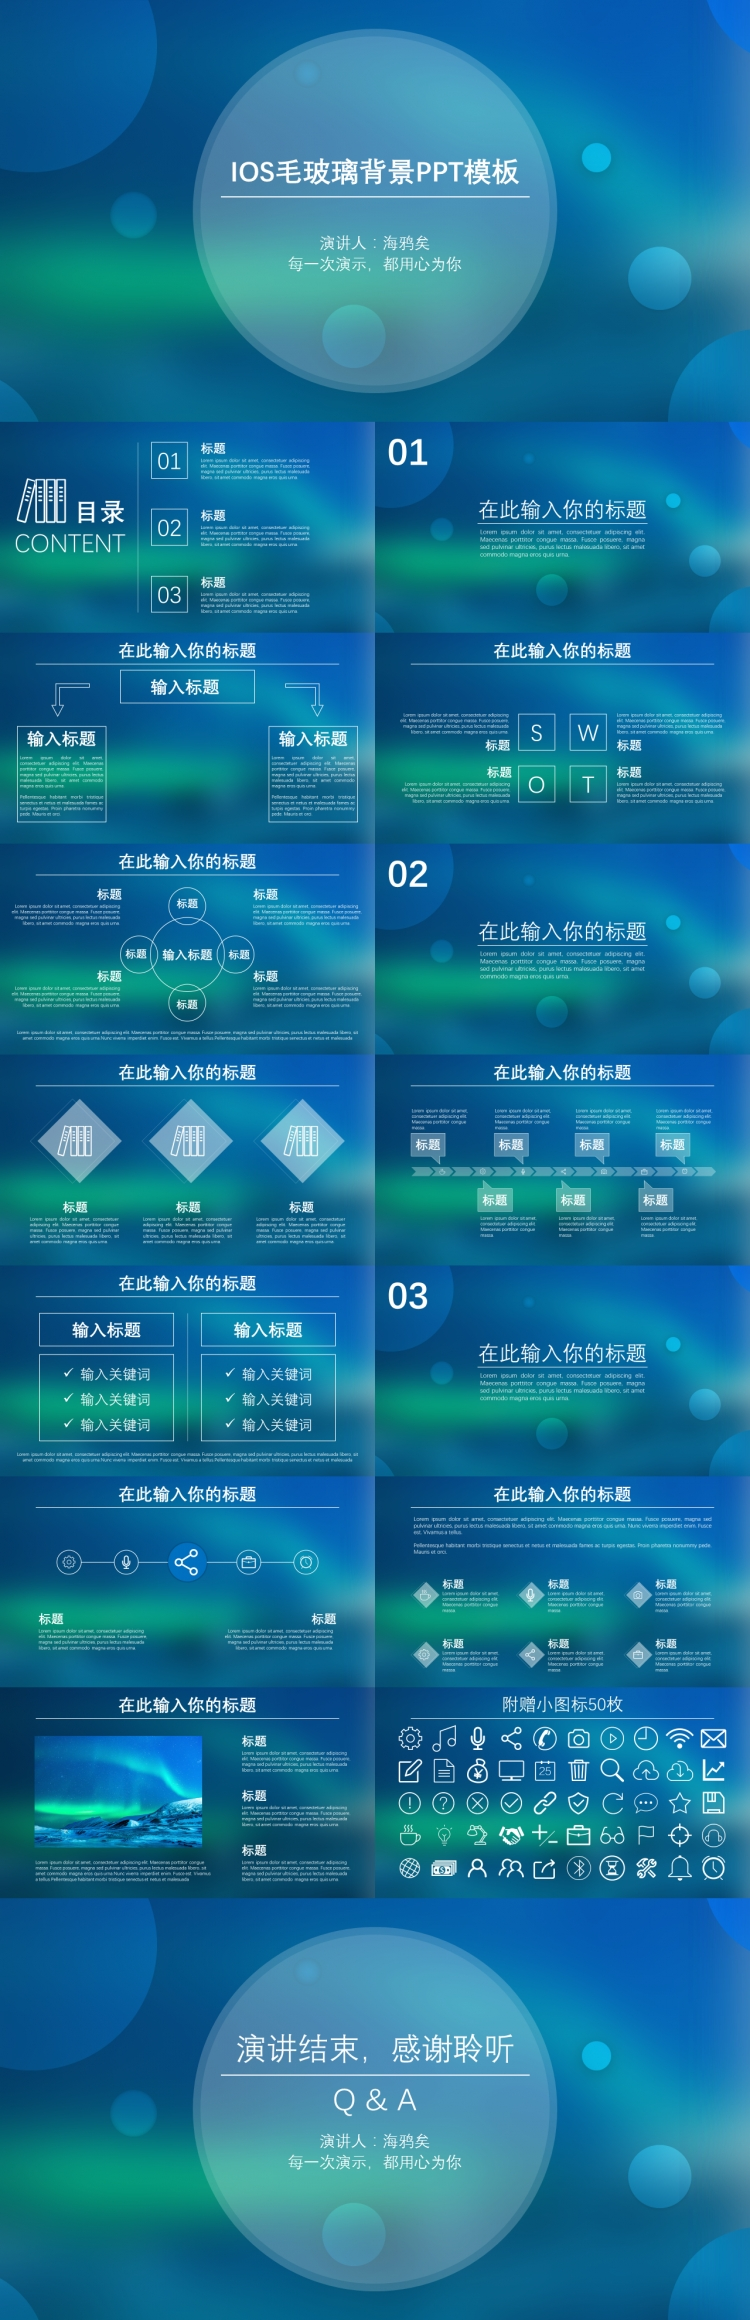 免费【风格】ios毛玻璃模板区分ppt数学小班蓝绿通用前后课后反思图片